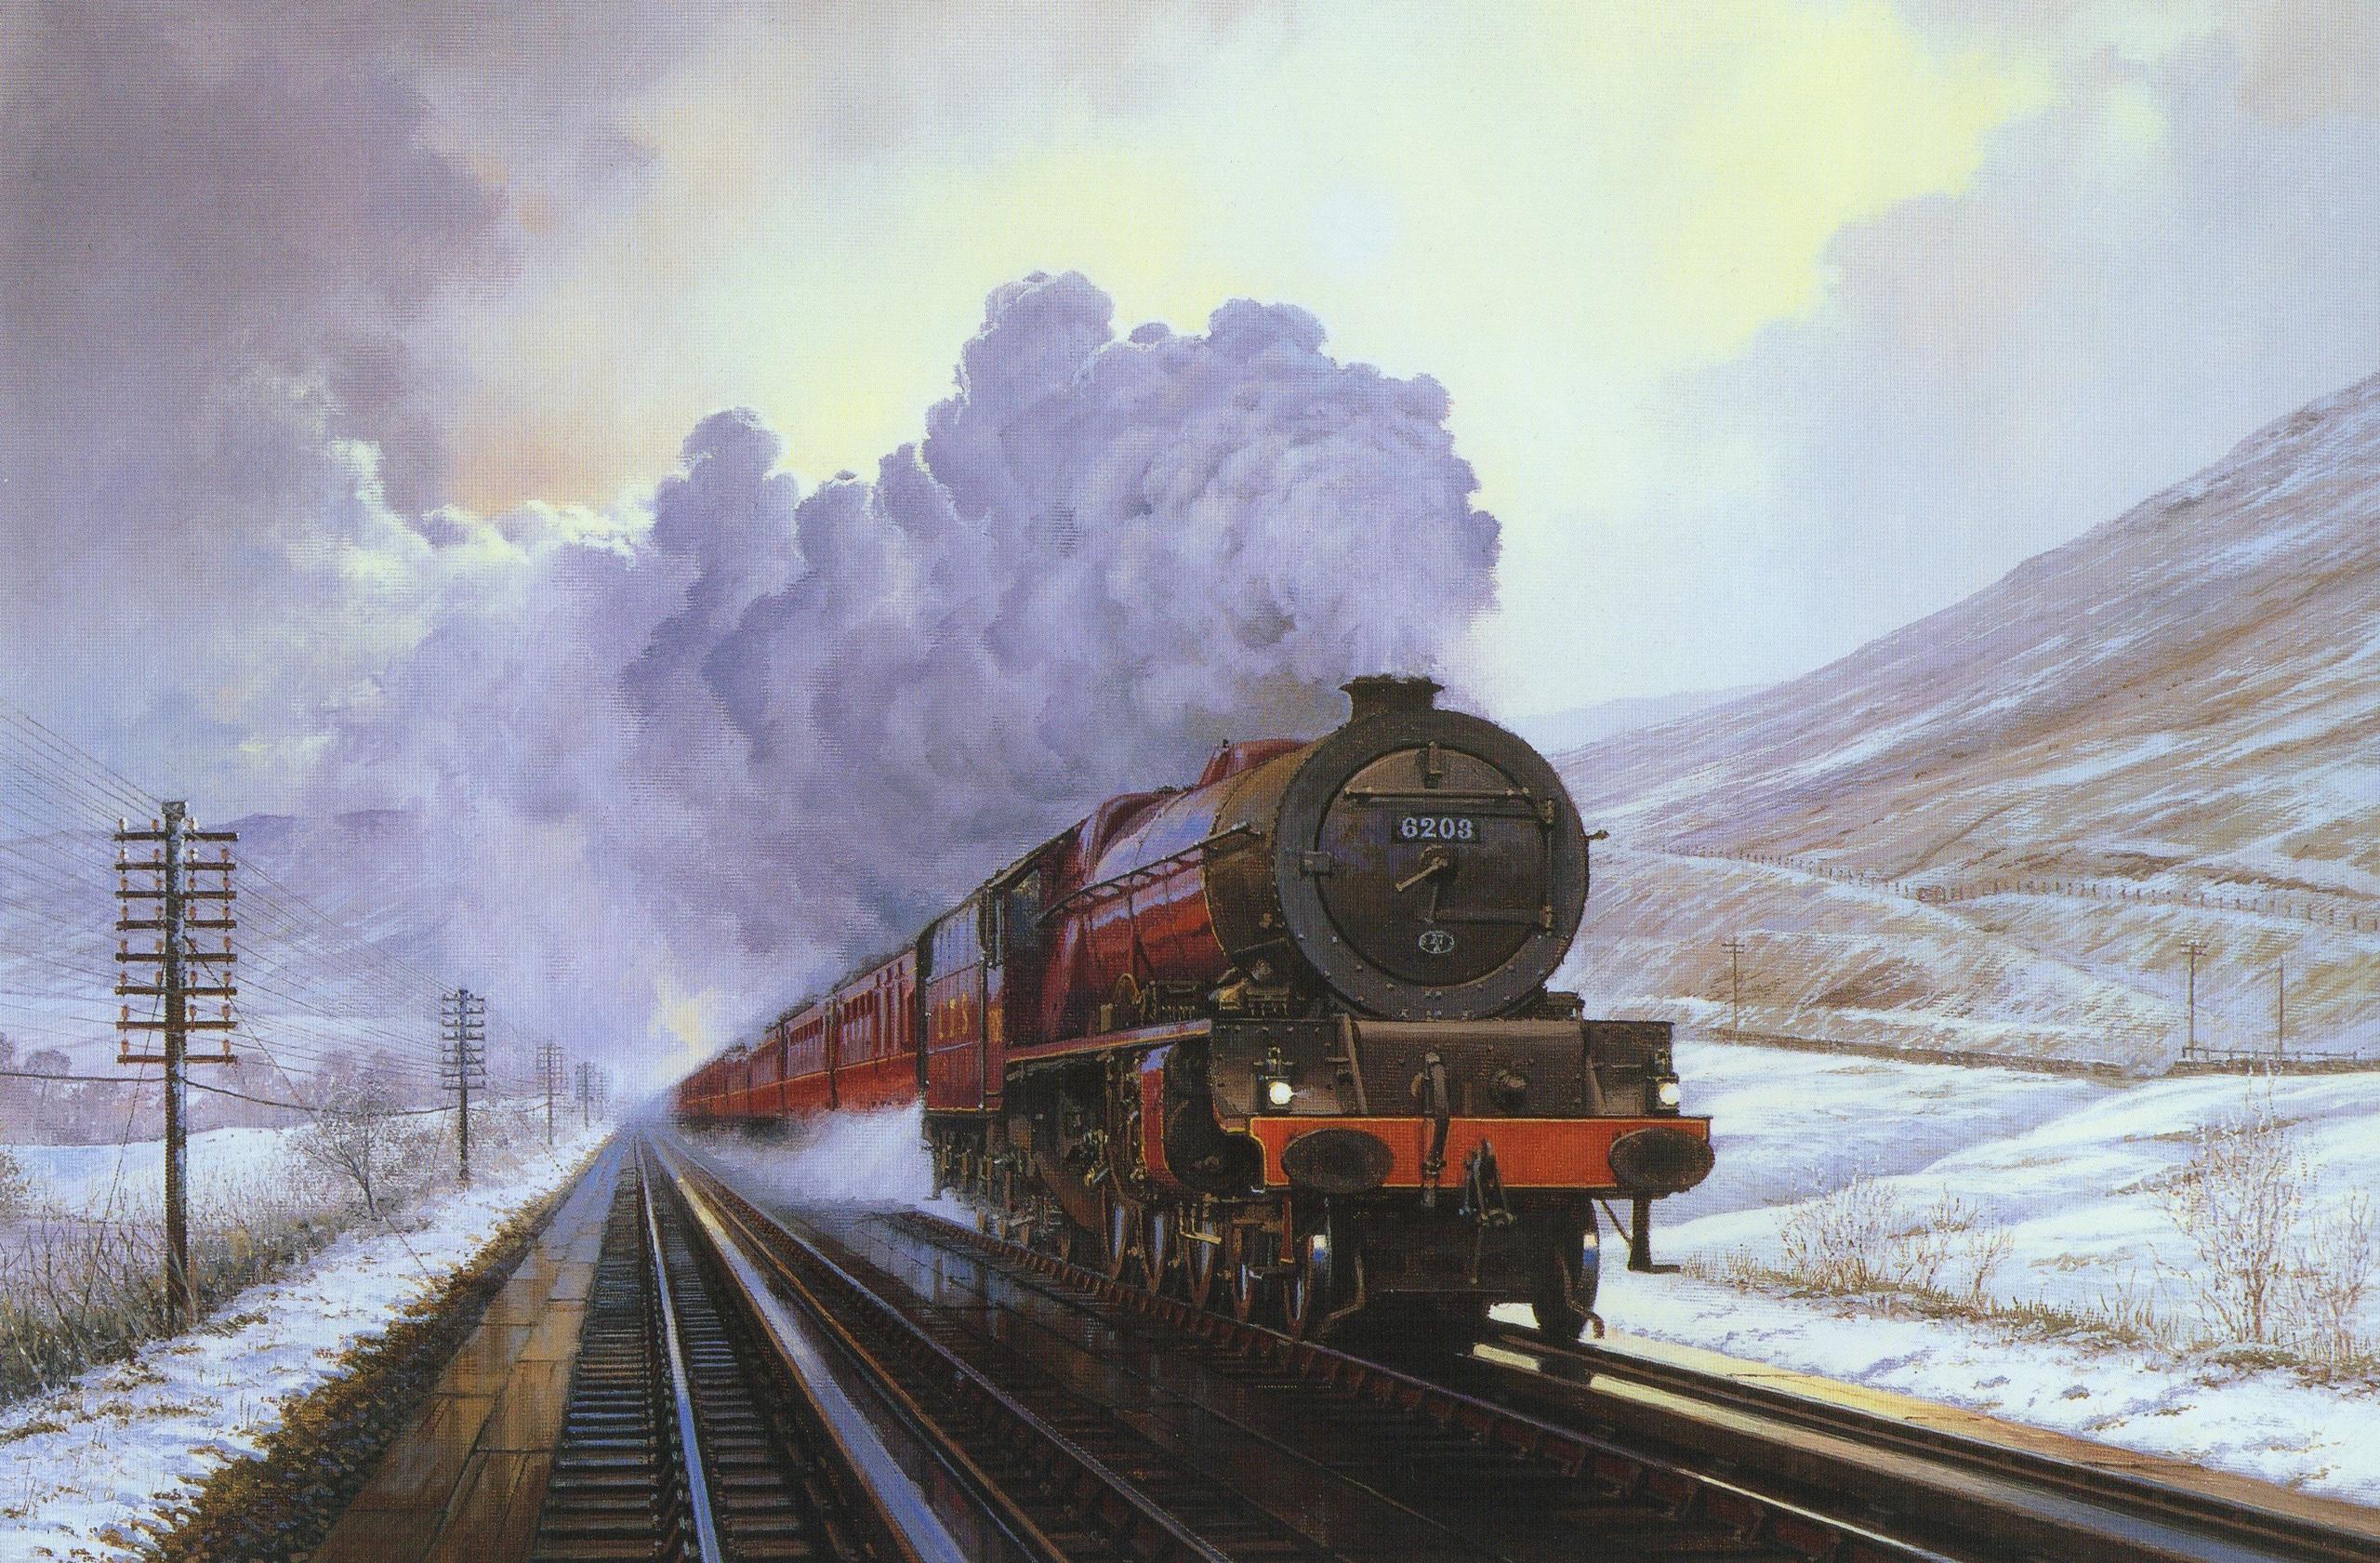 жильё красивые картинки на железнодорожную тему машина продается одним